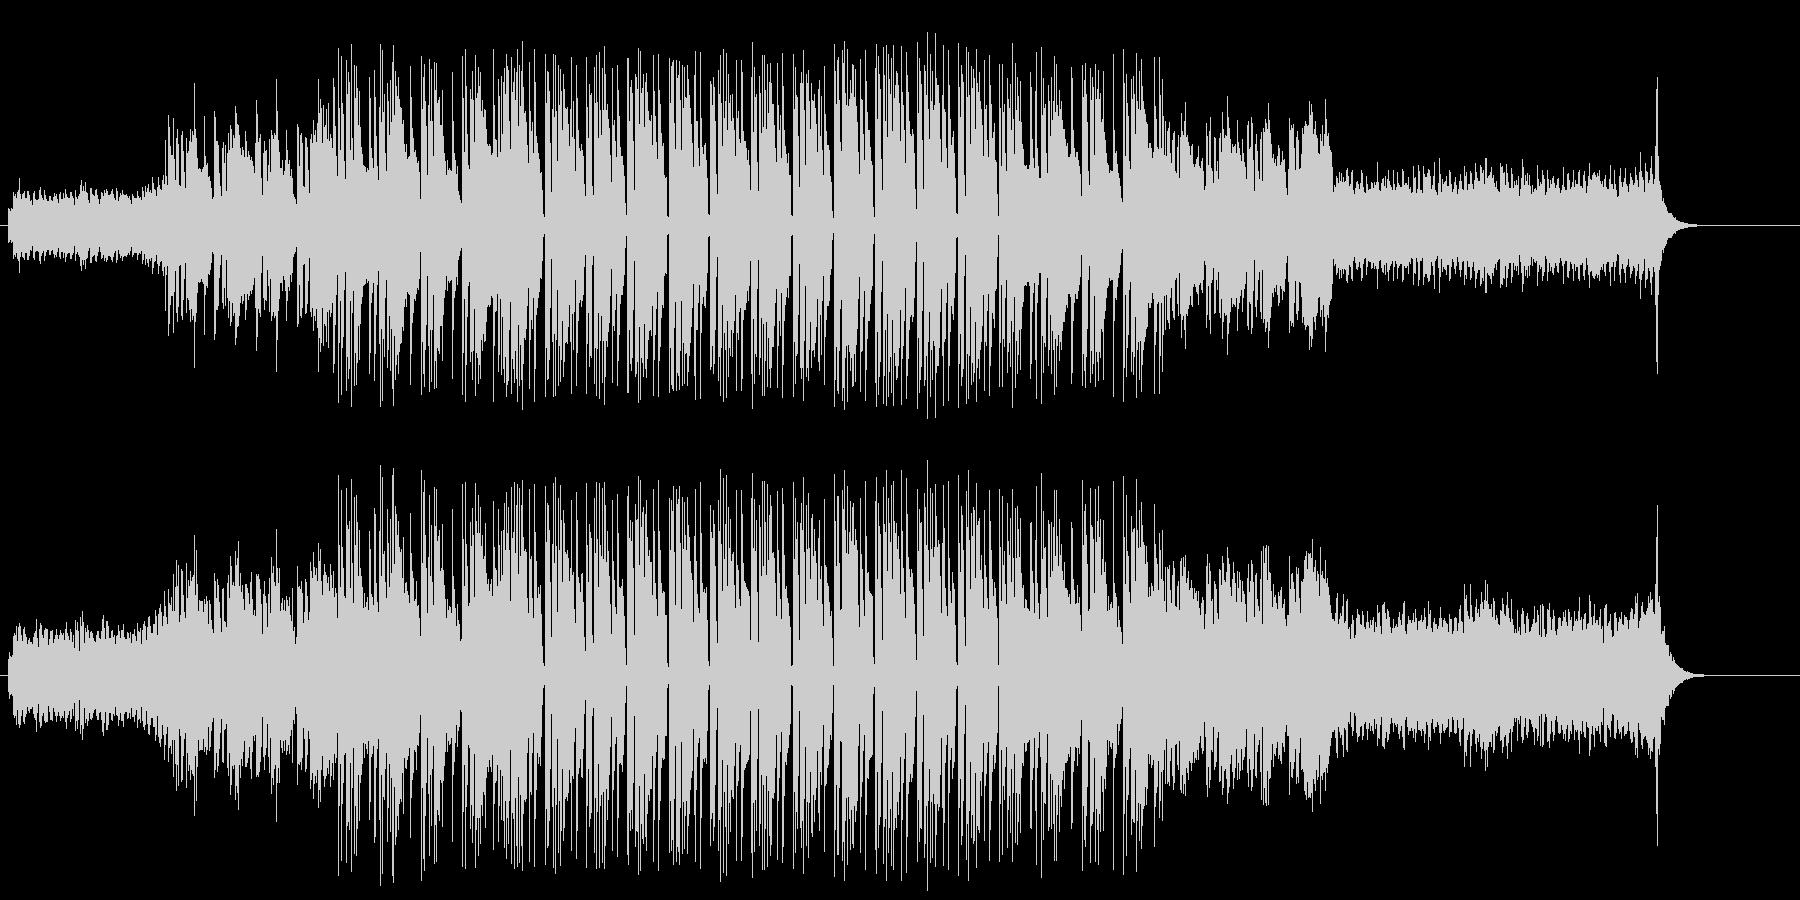 怪しげなマイナー・エレクトリックBGMの未再生の波形